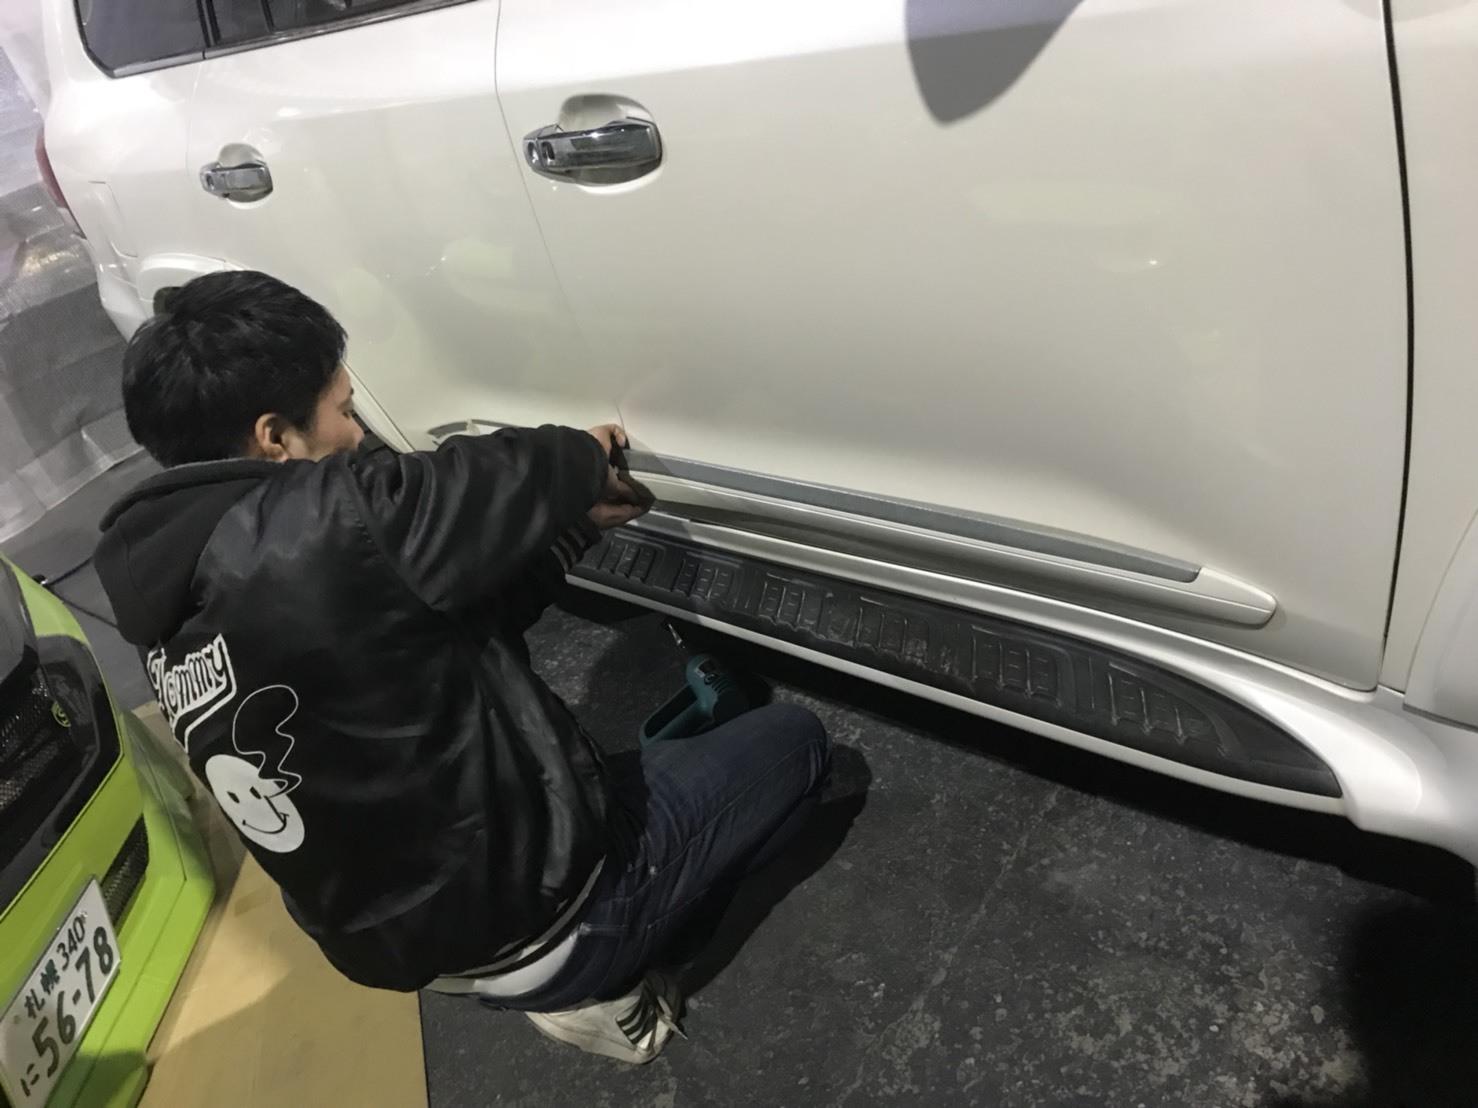 3月30日(金)トミーベース カスタムブログ☆S社様、新車のヴェルファイア到着☆カマロカスタム中☆_b0127002_12020516.jpg